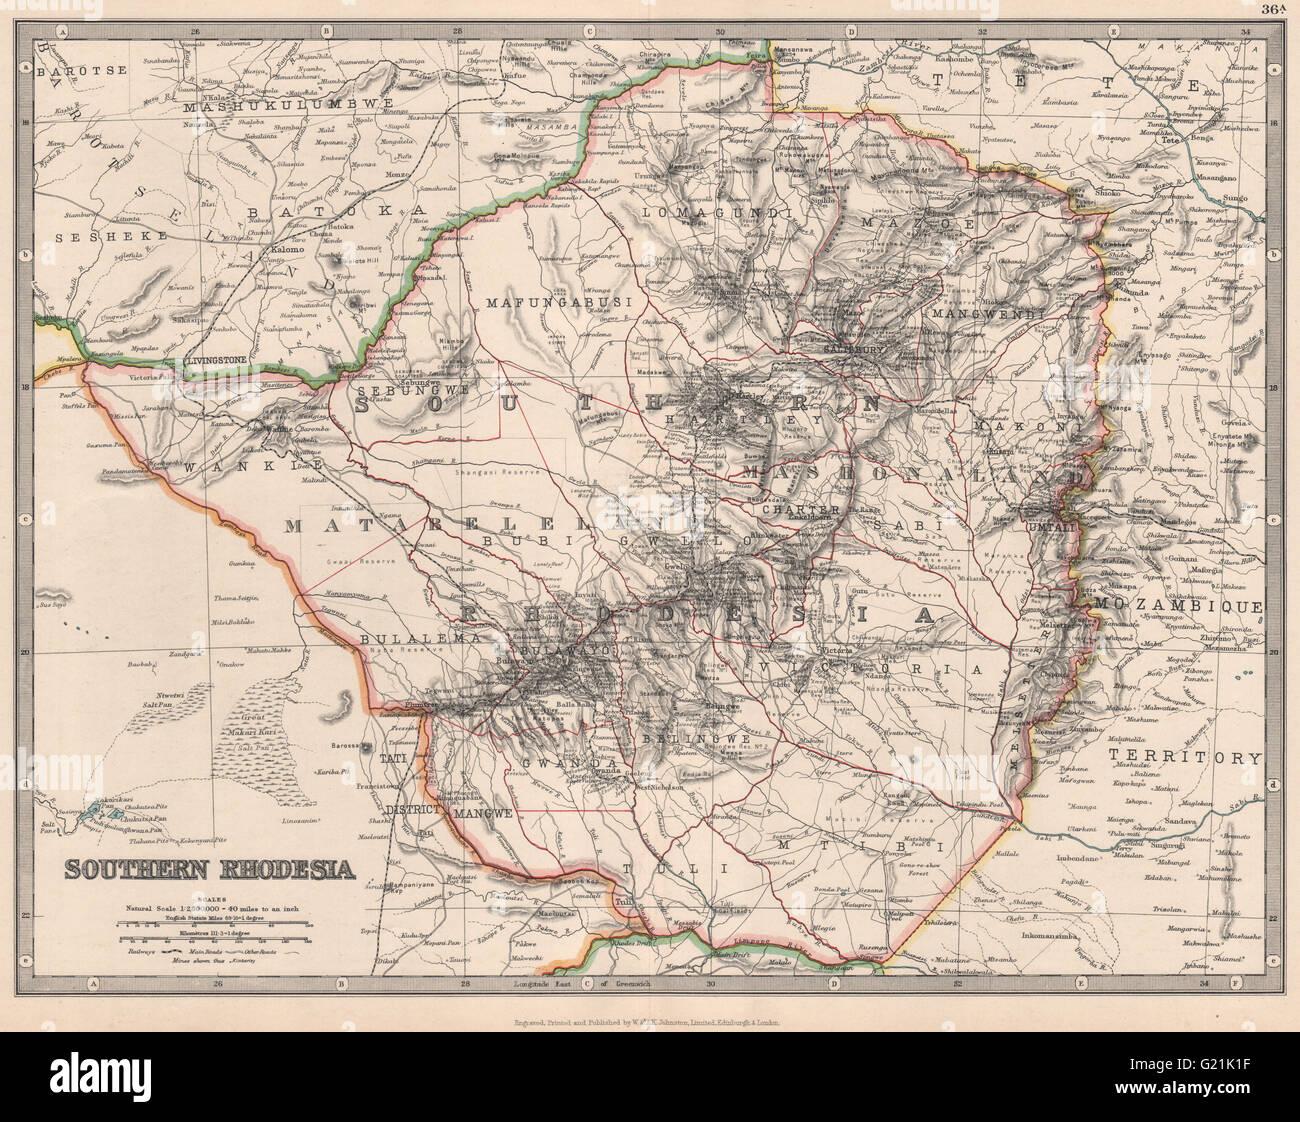 SOUTHERN RHODESIA now Zimbabwe SalisburyHarare Railways Stock